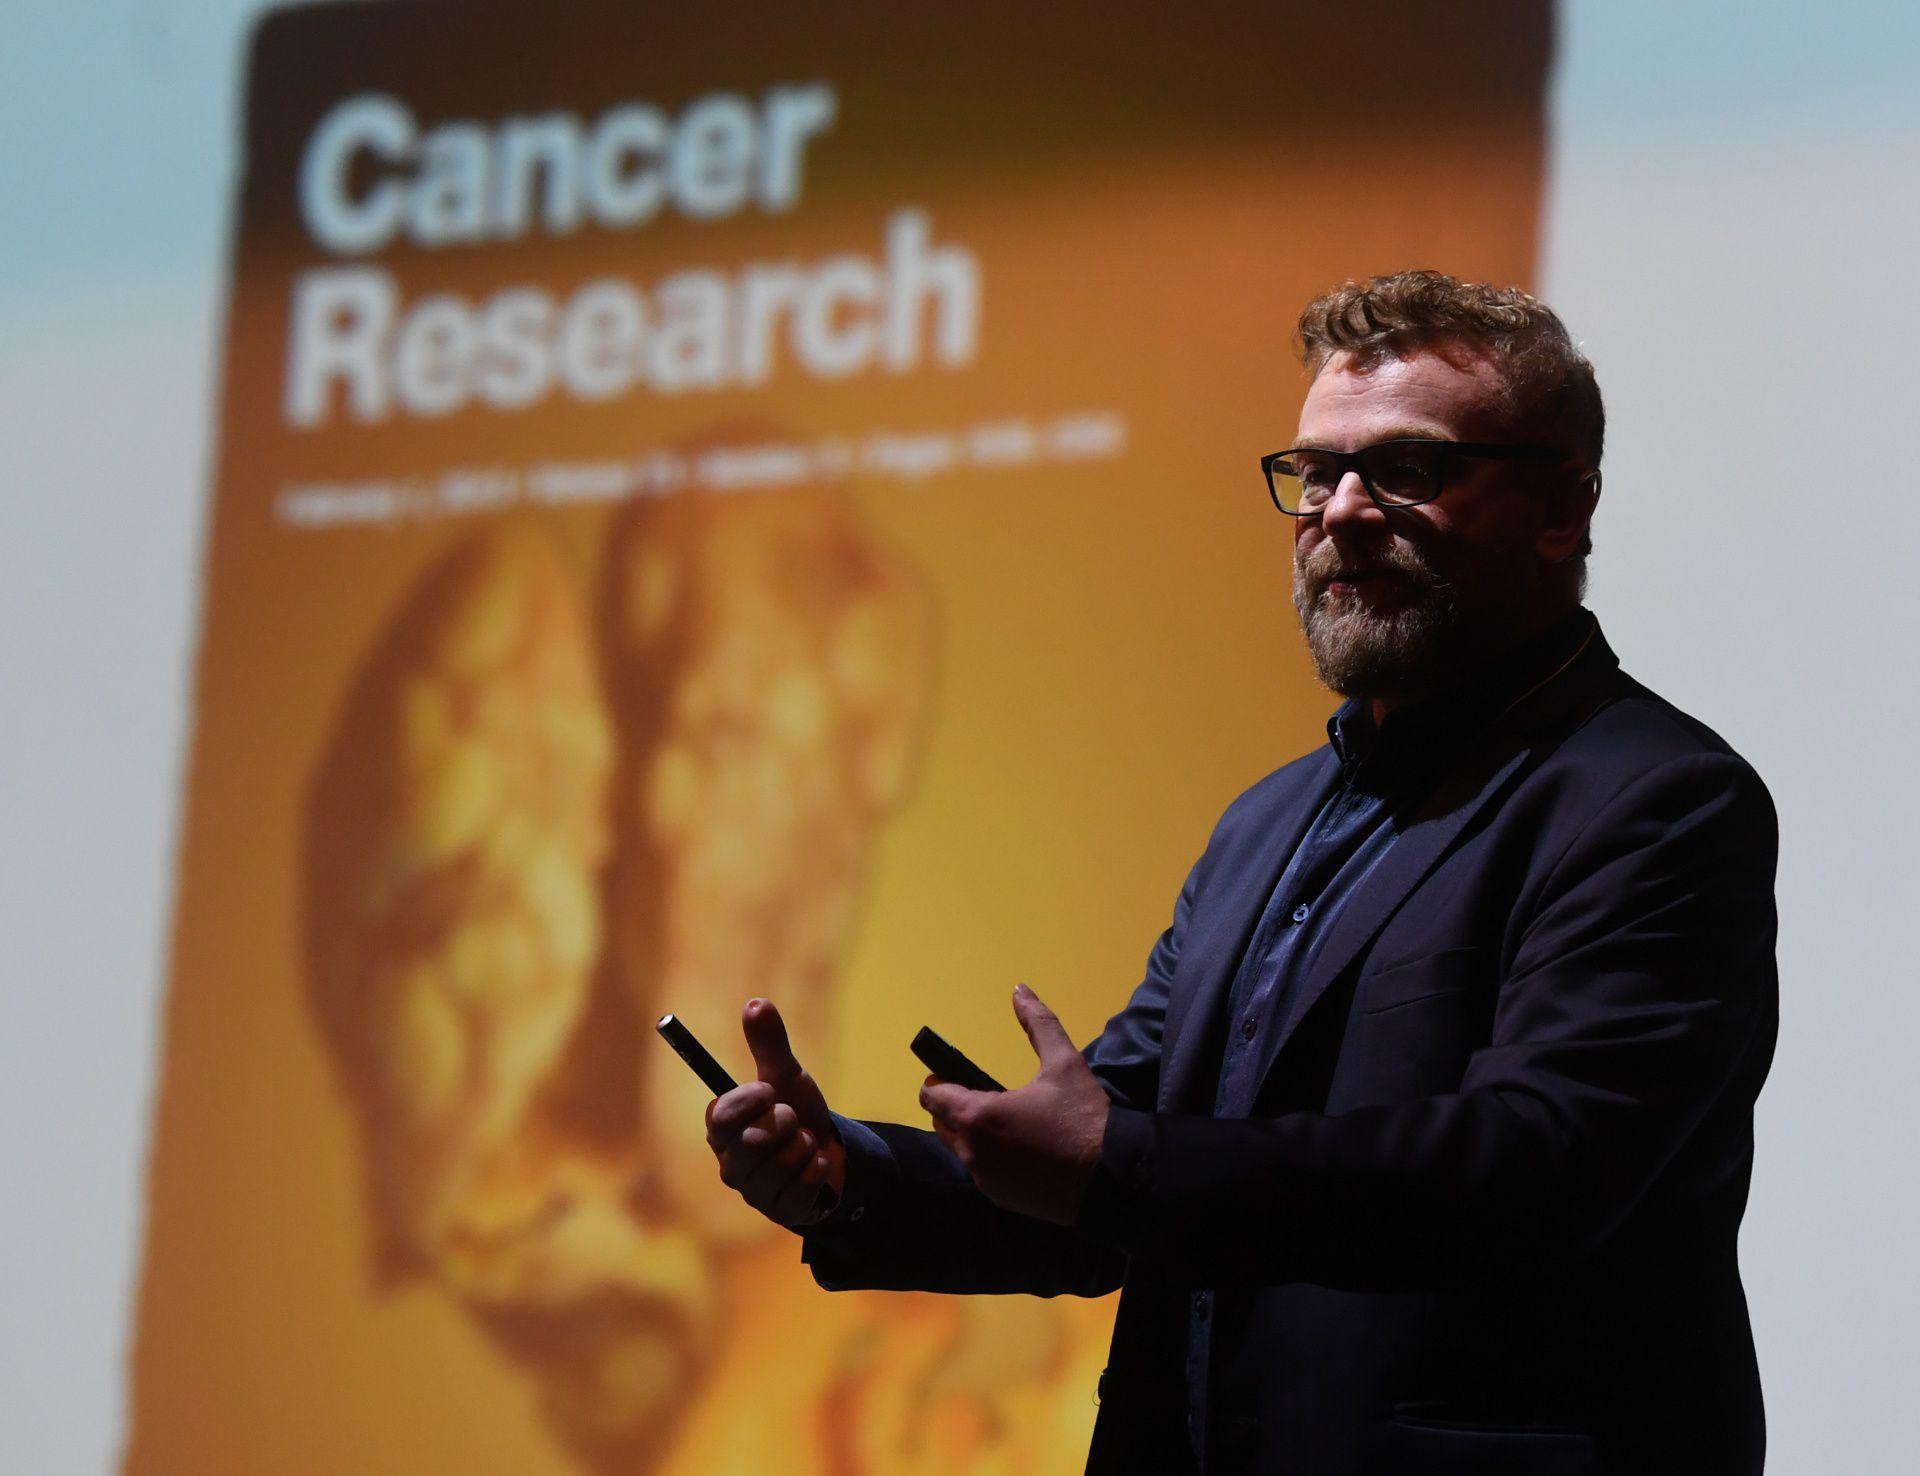 El  investigador Gabriel Rabinovich investiga enfermedades como los cánceres. Con el COVID-19, busca comprender los mecanismos que hacen que el coronavirus evade la respuesta del sistema inmune (Maximiliano Luna)